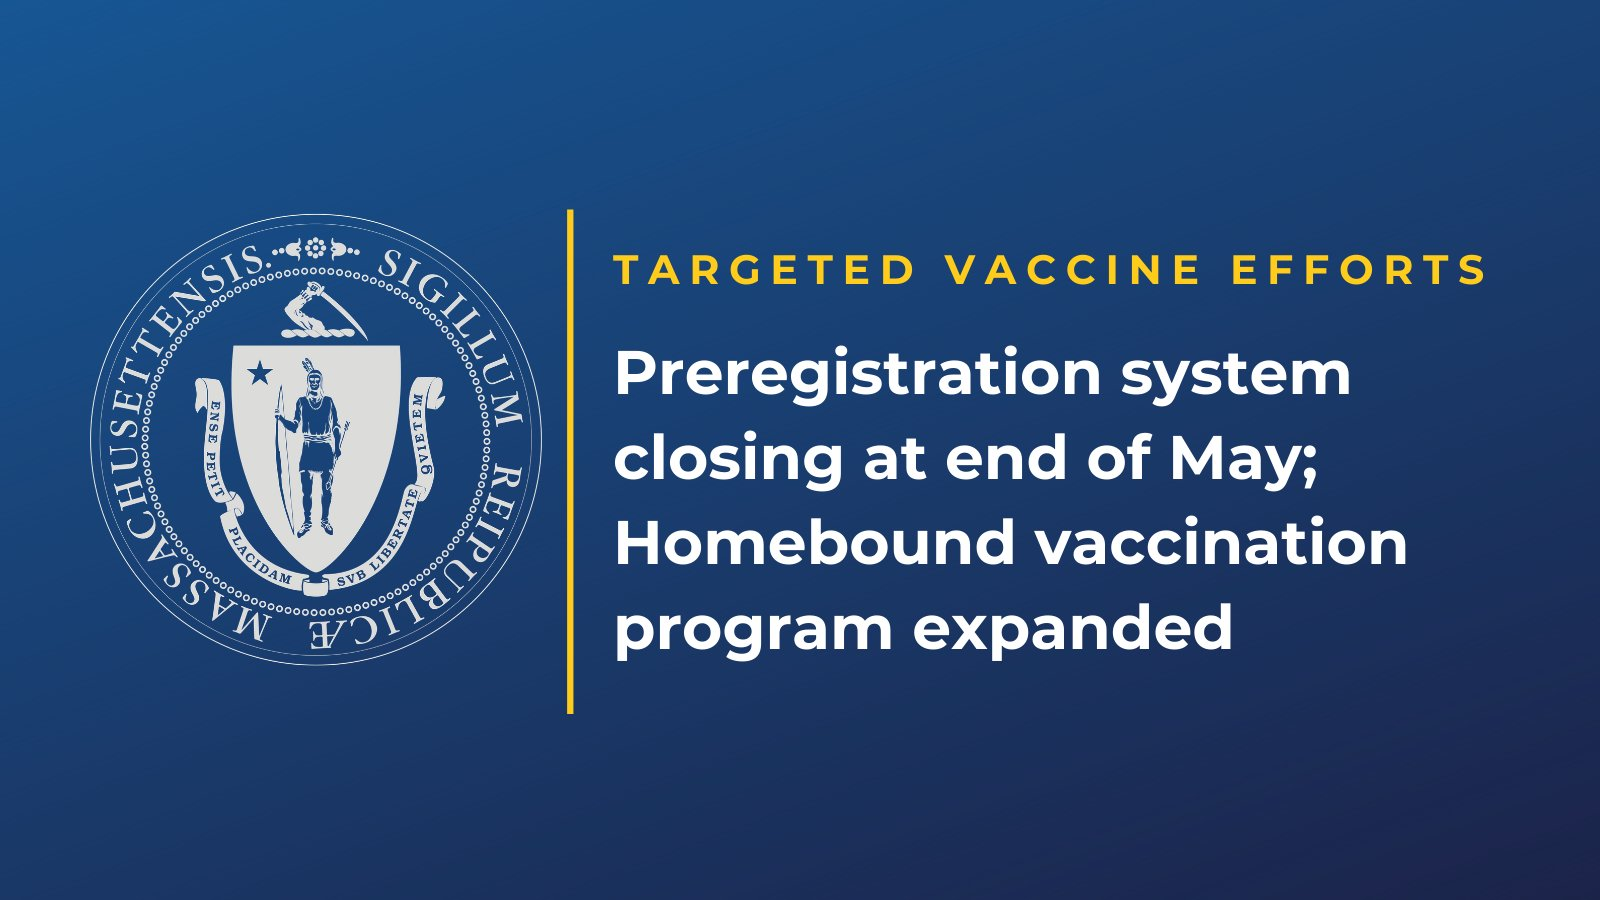 @MassGovernor: MA vaccine preregistration program goes away, home vaccine expands